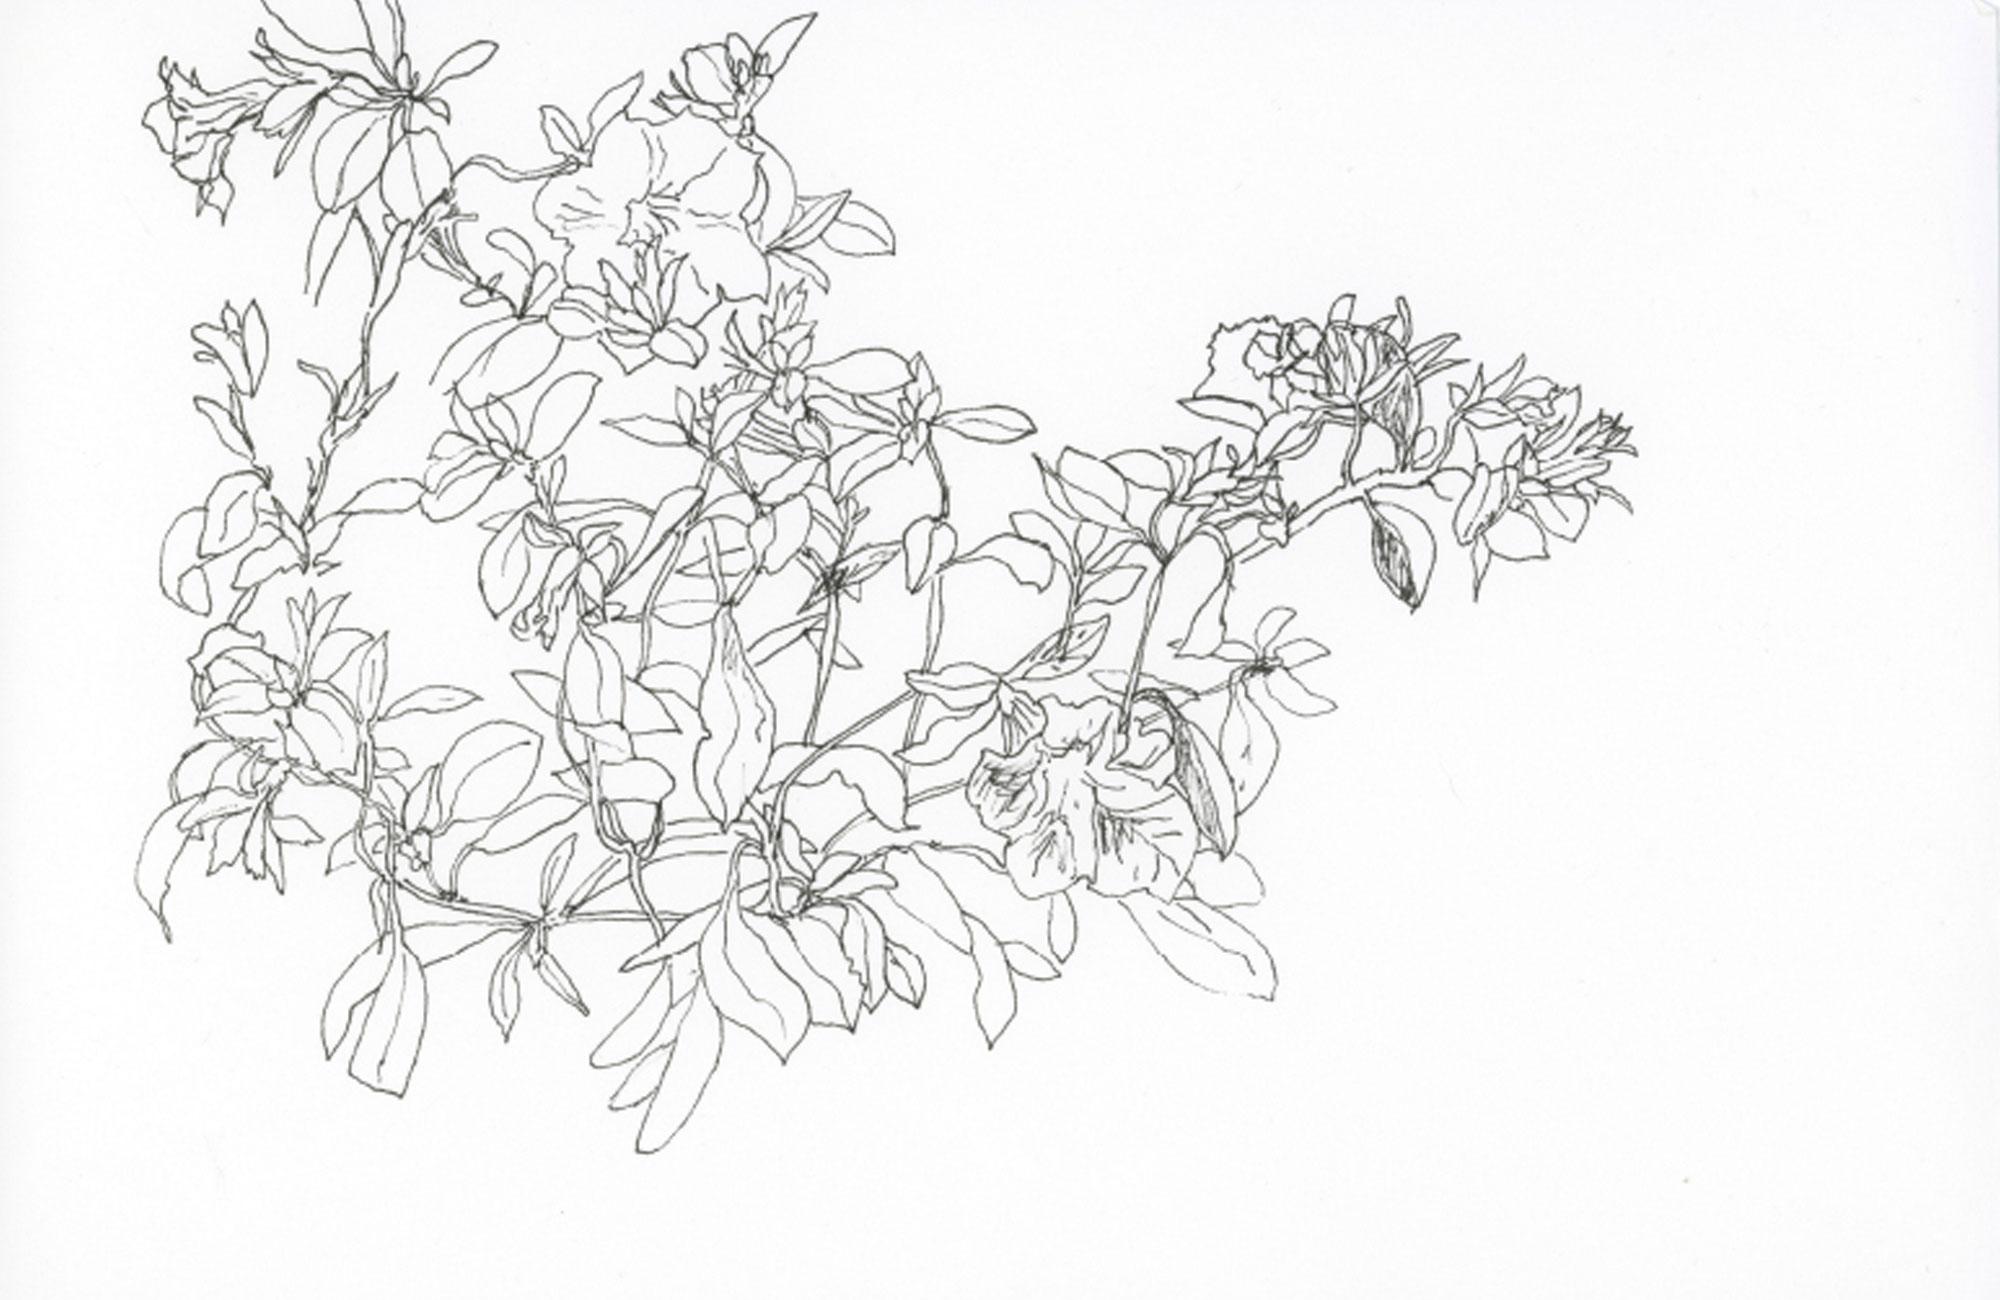 Carnets de Fleurs & Wie man Sommersprossen bekommt